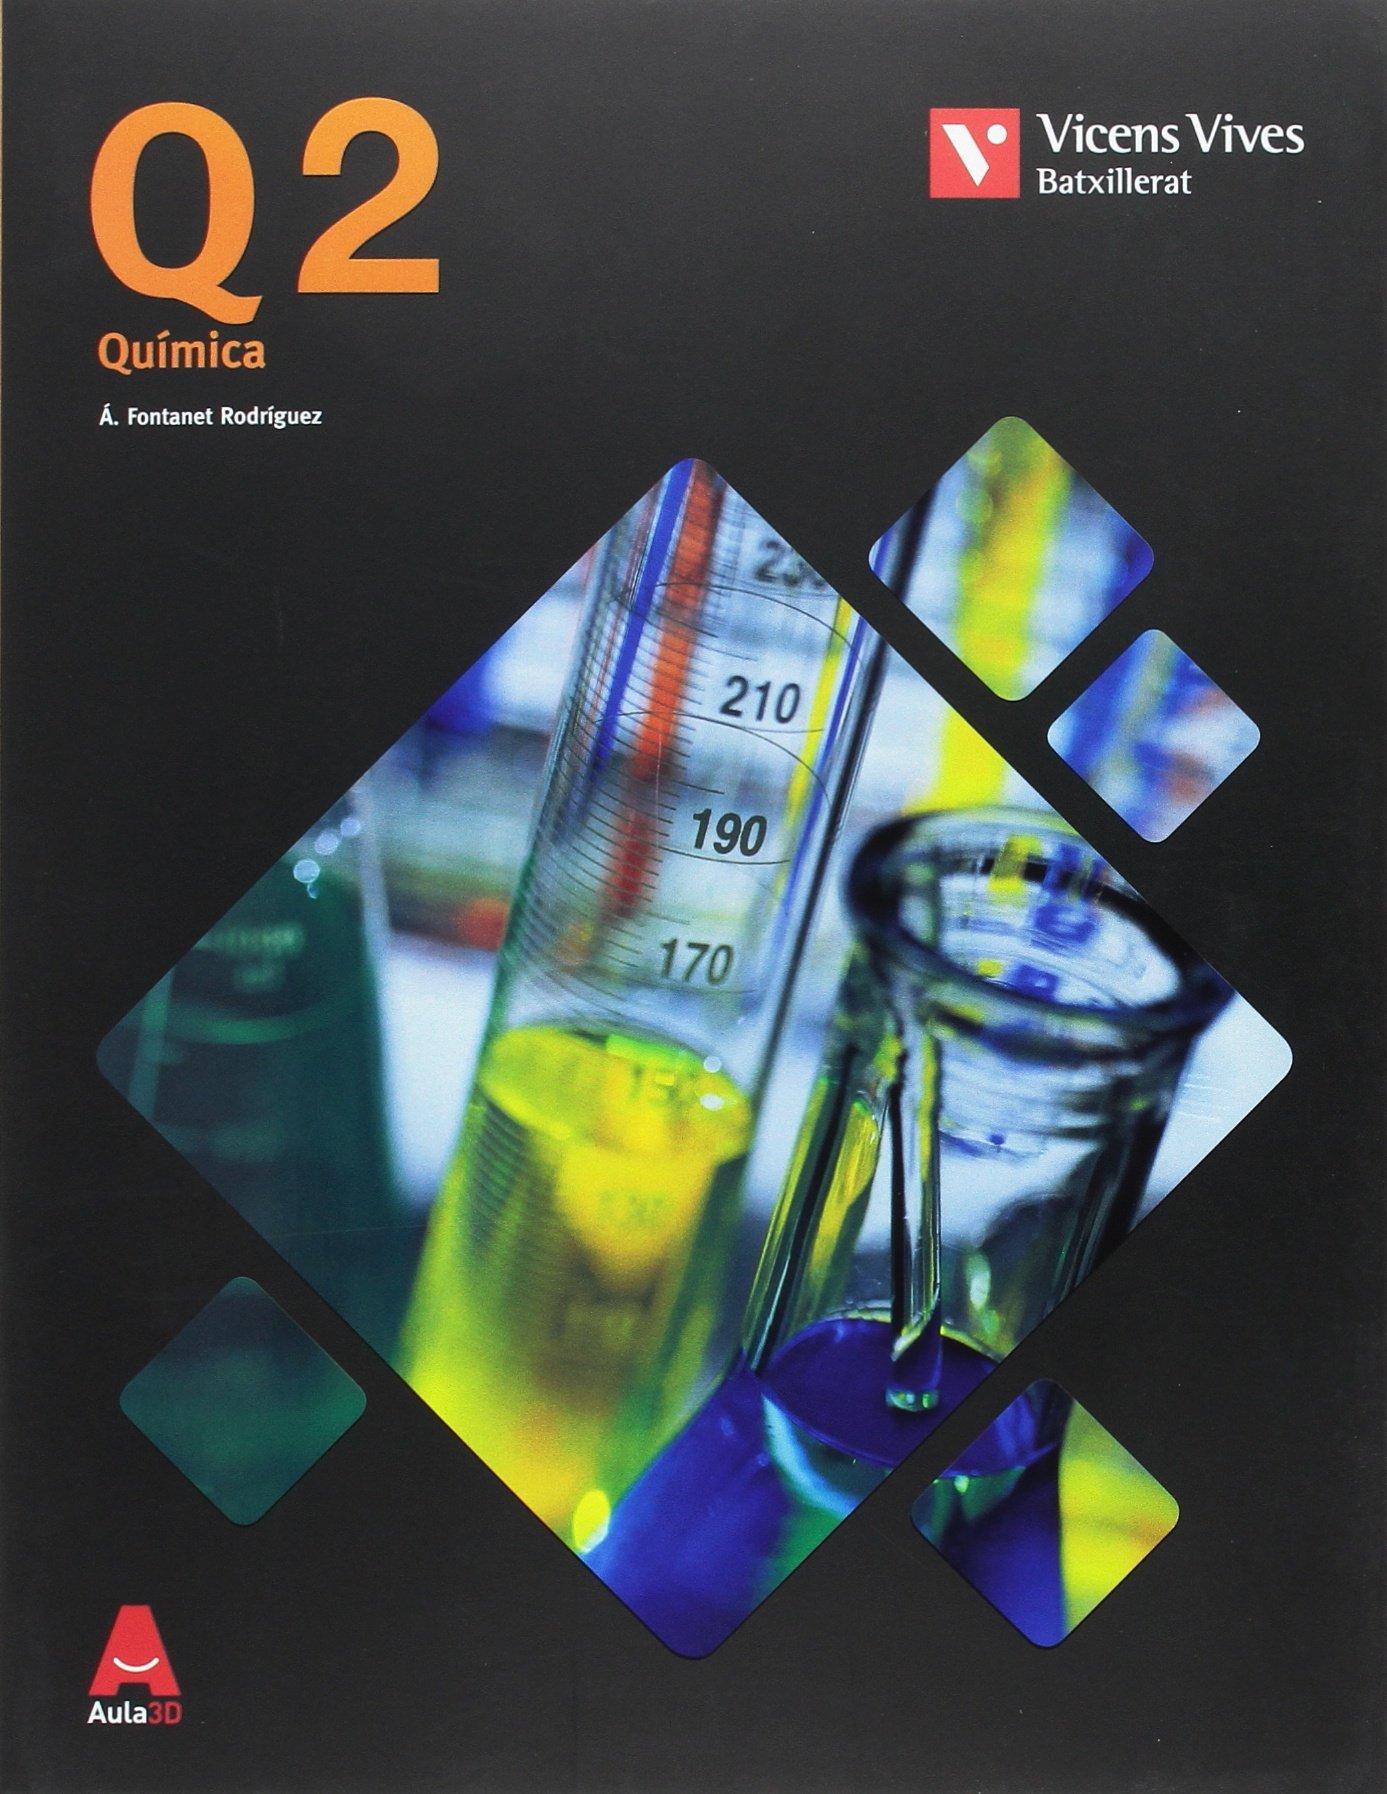 Q2 QUIMICA BATXILLERAT 2º AULA 3D: 000001 - 9788468236148: Amazon ...